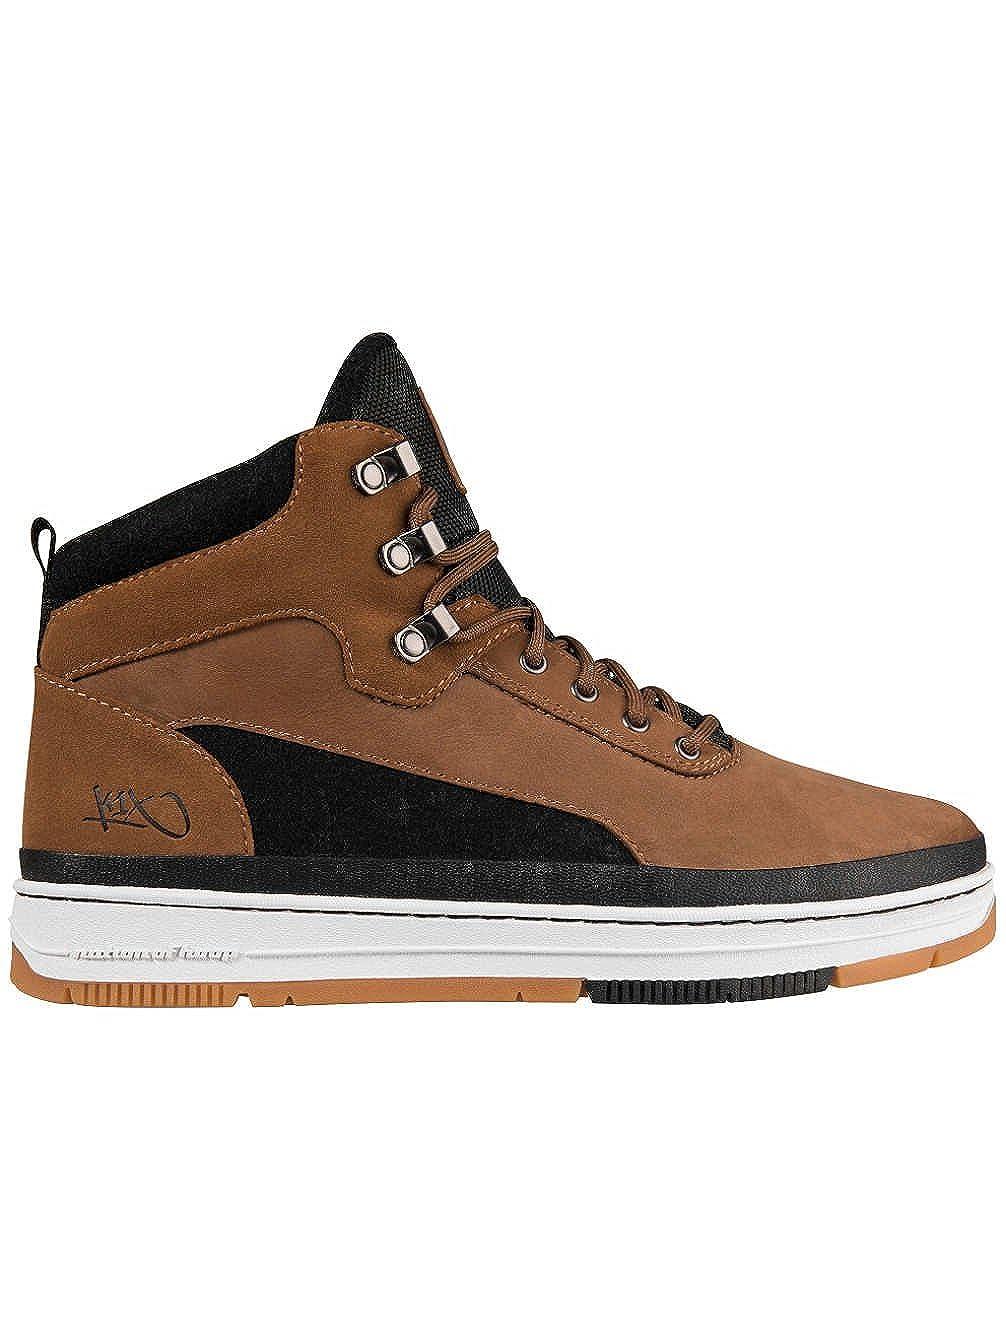 najlepsza wyprzedaż ogromna zniżka nowy autentyczny Winter Boot Men K1X GK 3000 Shoes: Amazon.co.uk: Shoes & Bags